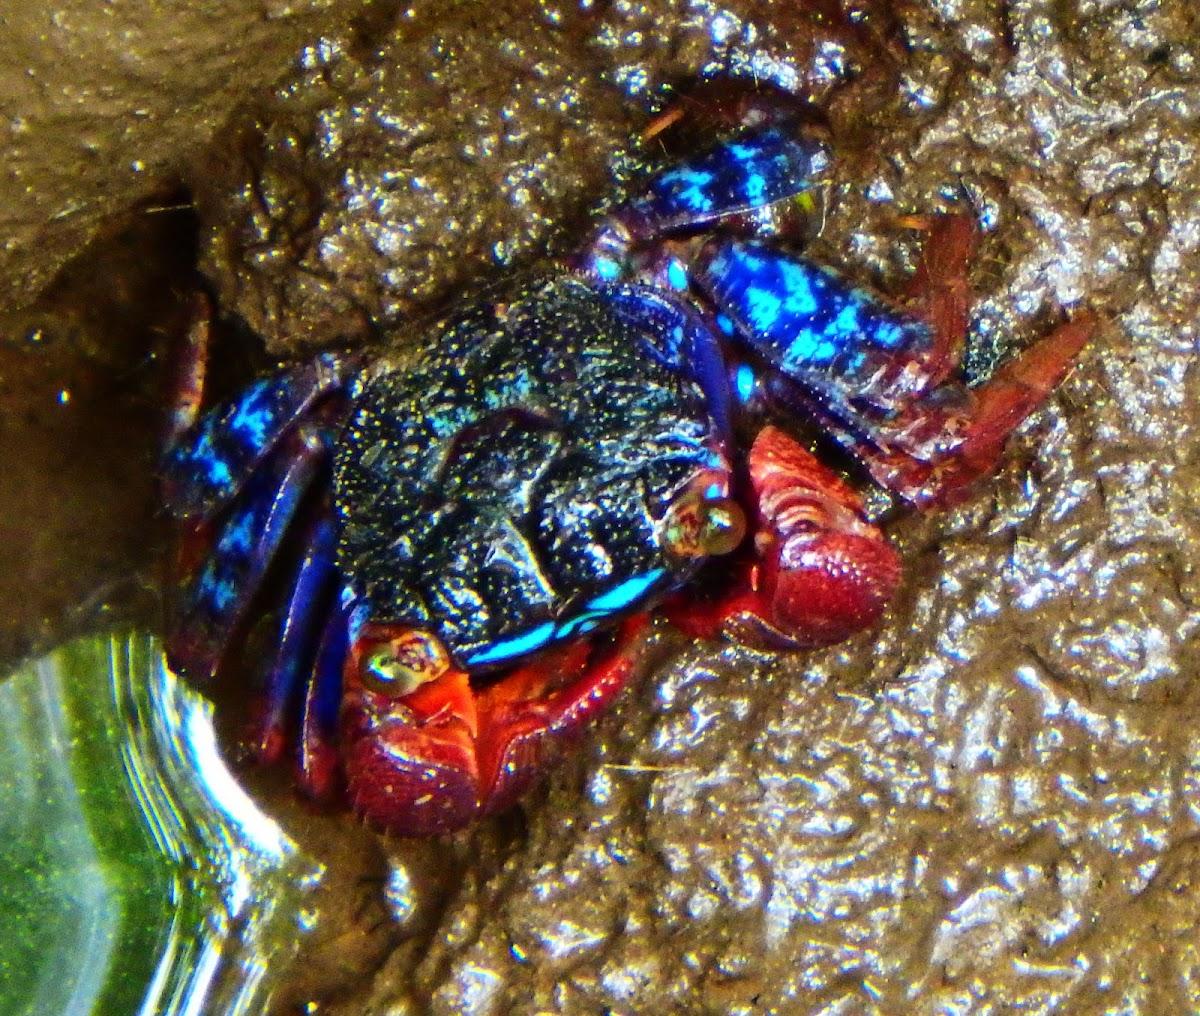 Iridescent Sesarmine Crab